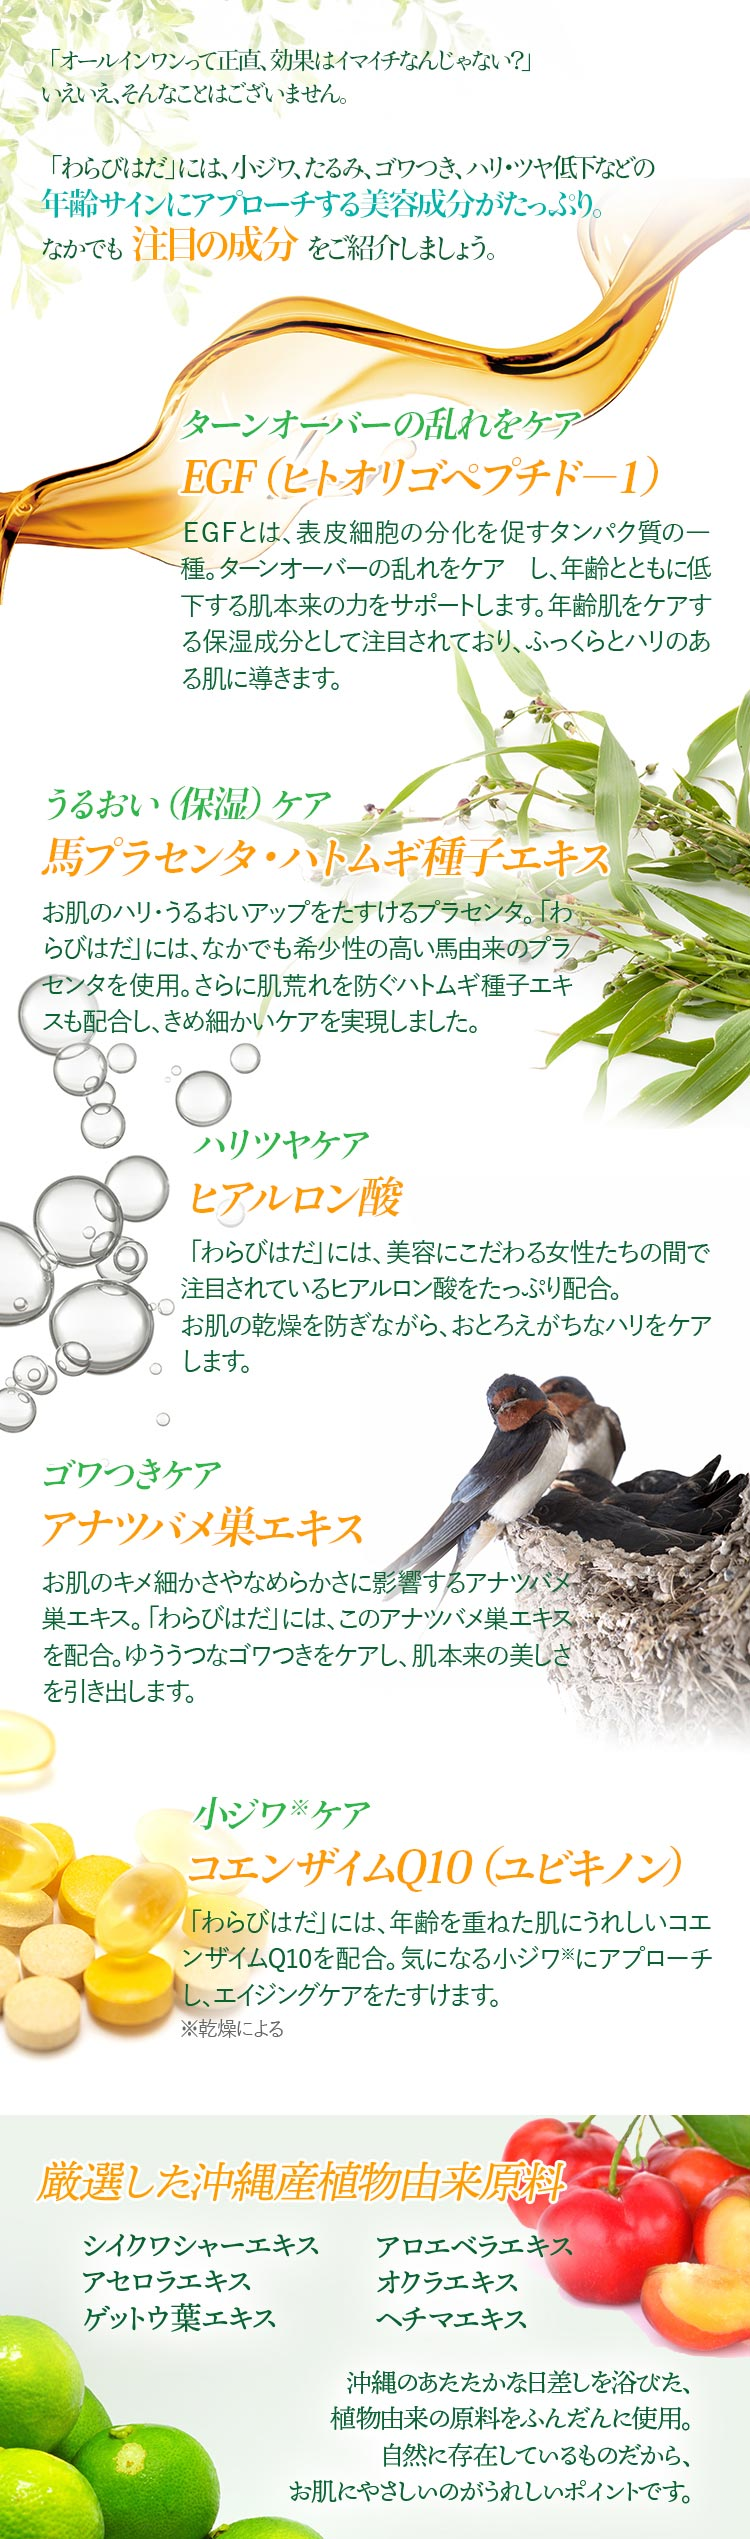 注目の成分/EGF(ヒトオリゴペプチド-1)、馬プラセンタ・ハトムギ種子エキス、ヒアルロン酸、アナツバメ巣エキス、コエンザイムQ10(ユビキノン)、厳選した沖縄産植物由来原料